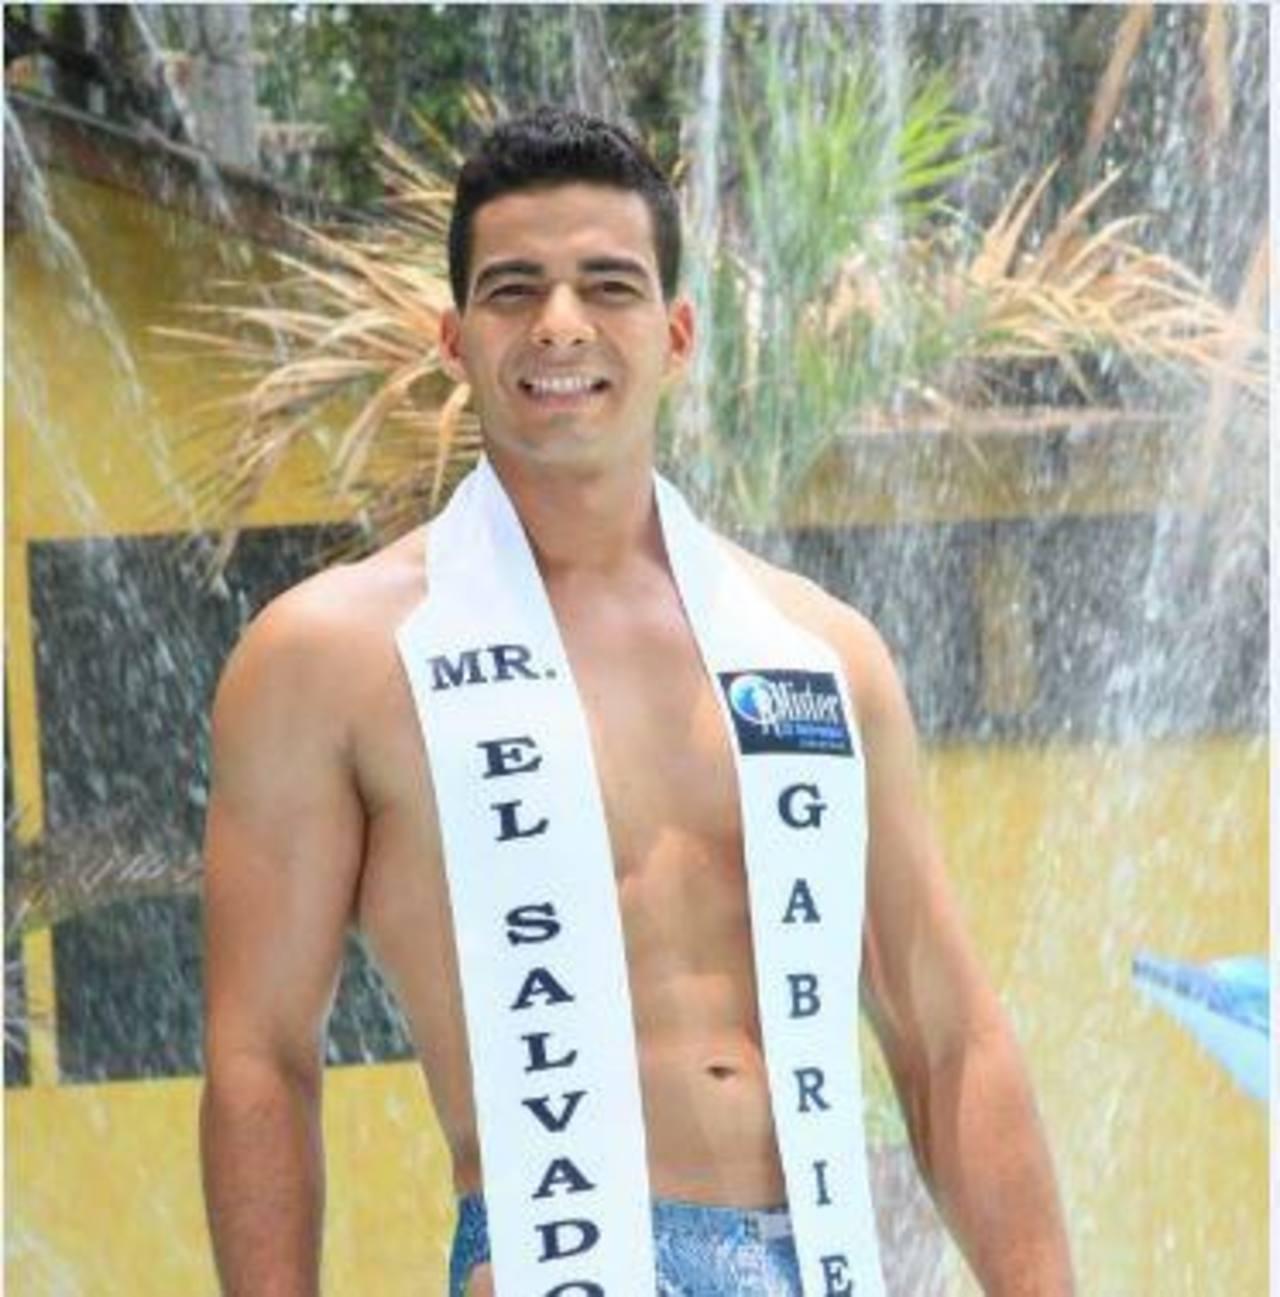 Gabriel Polanco, el nuevo MR. El Salvador